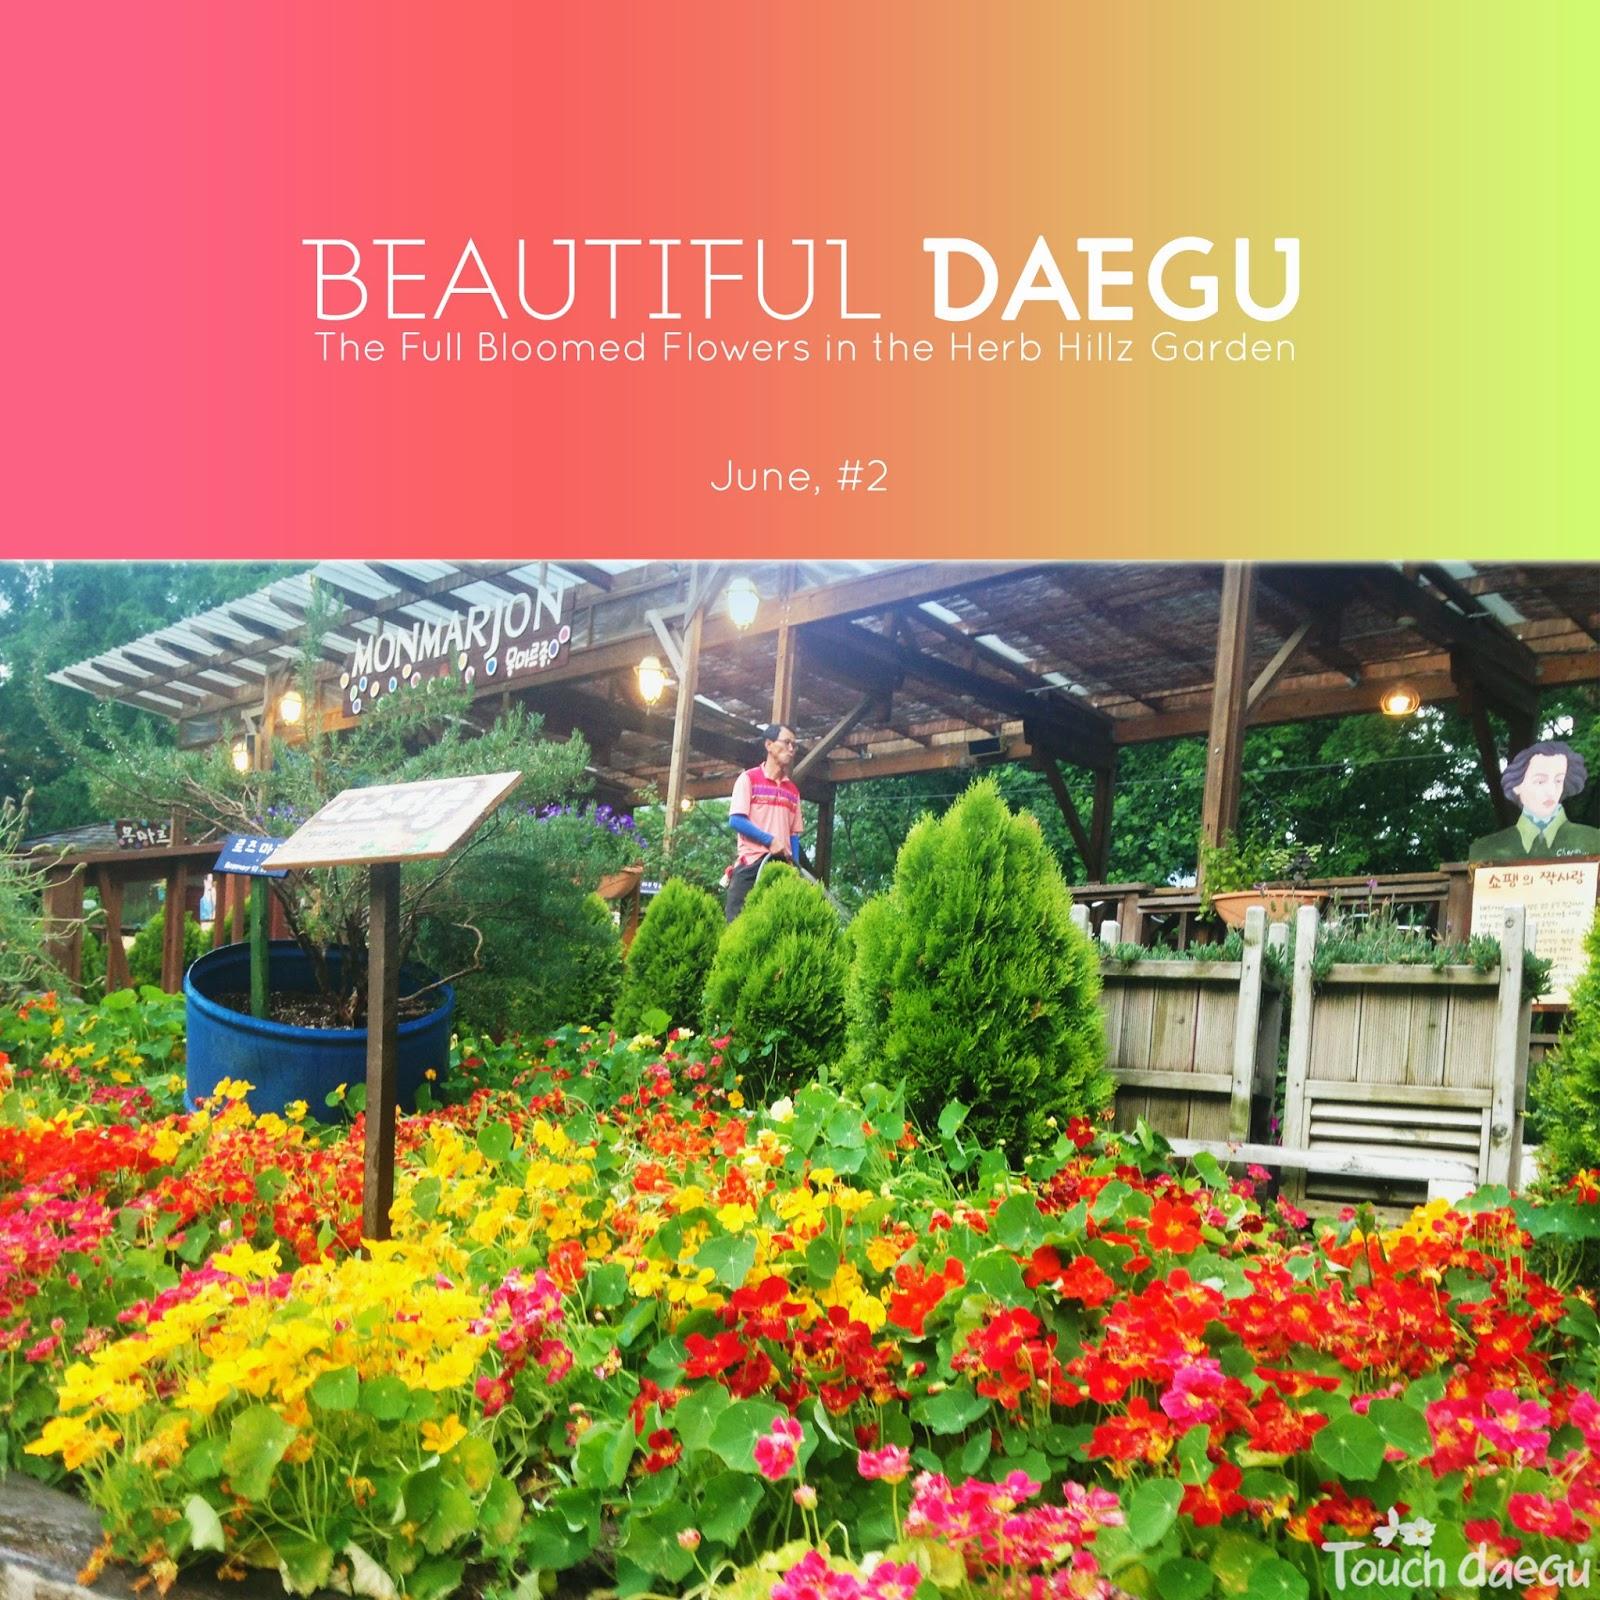 The full bloomed flowers in the Herb Hillz Garden in Daegu